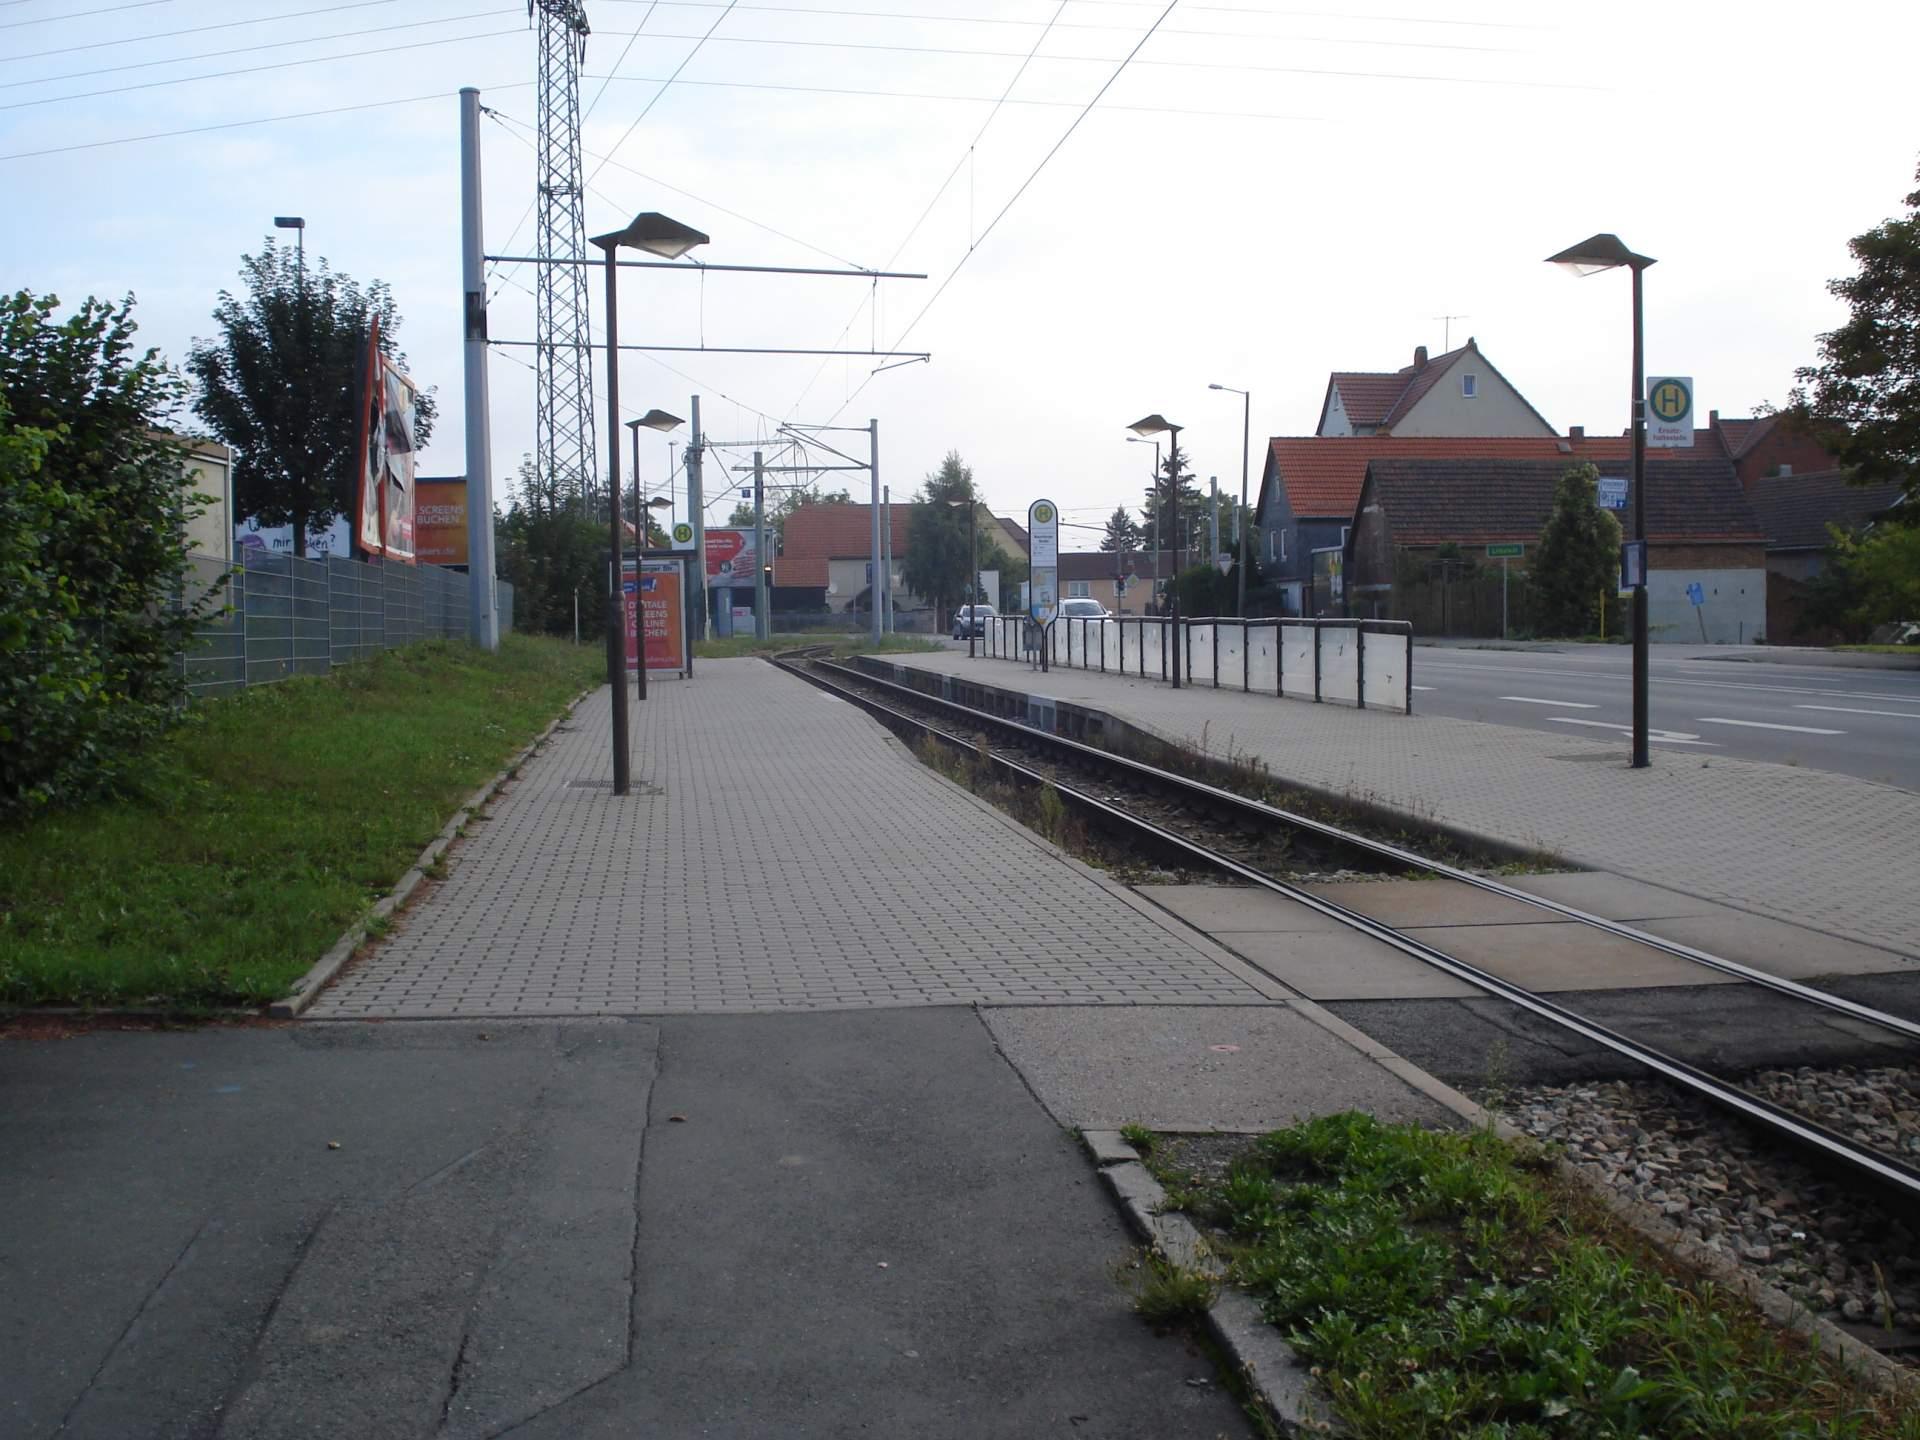 Gleisbereich der Straßenbahn-Haltestelle